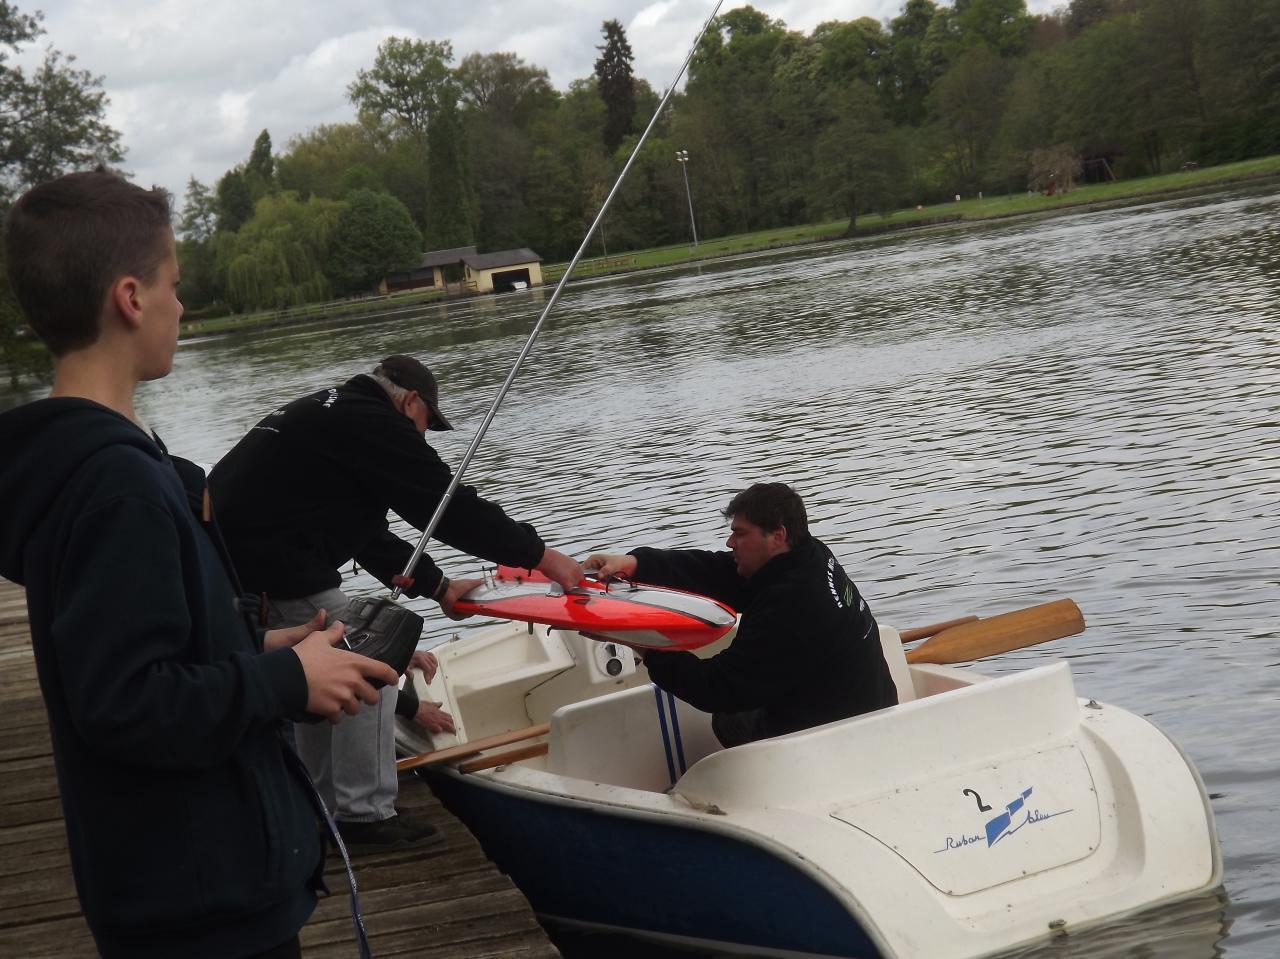 récupération d'un bateau avec la barque de récup